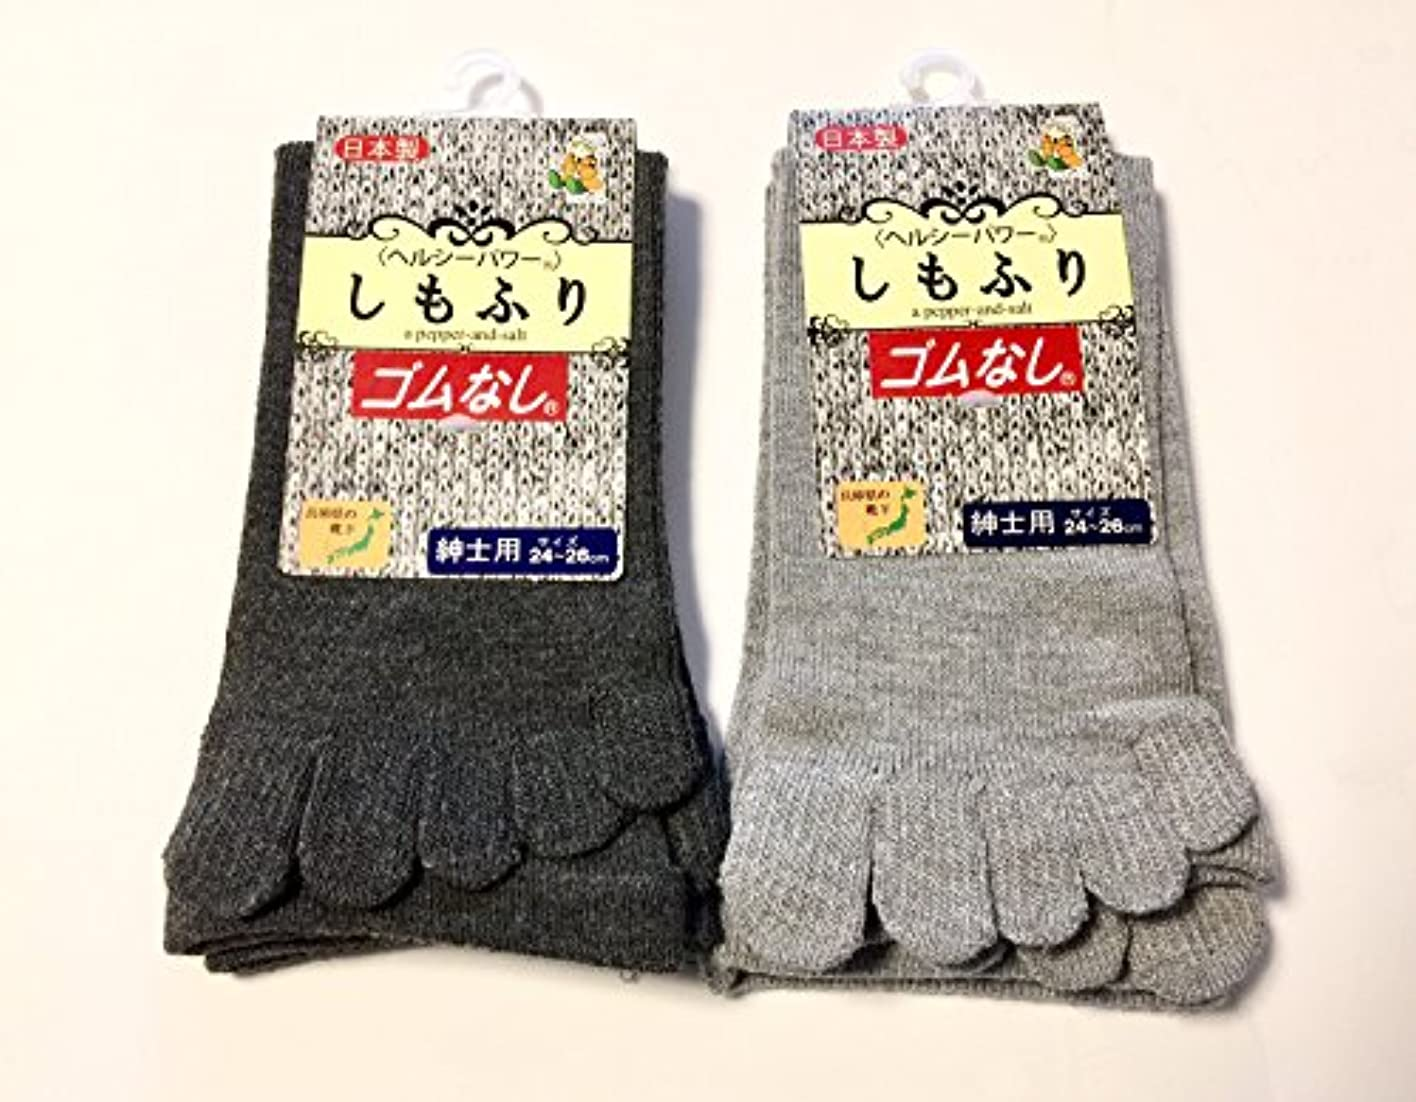 ジャケット媒染剤ハグ5本指ソックス メンズ 日本製 口ゴムなし しめつけない靴下 24~26cm 2色2足組